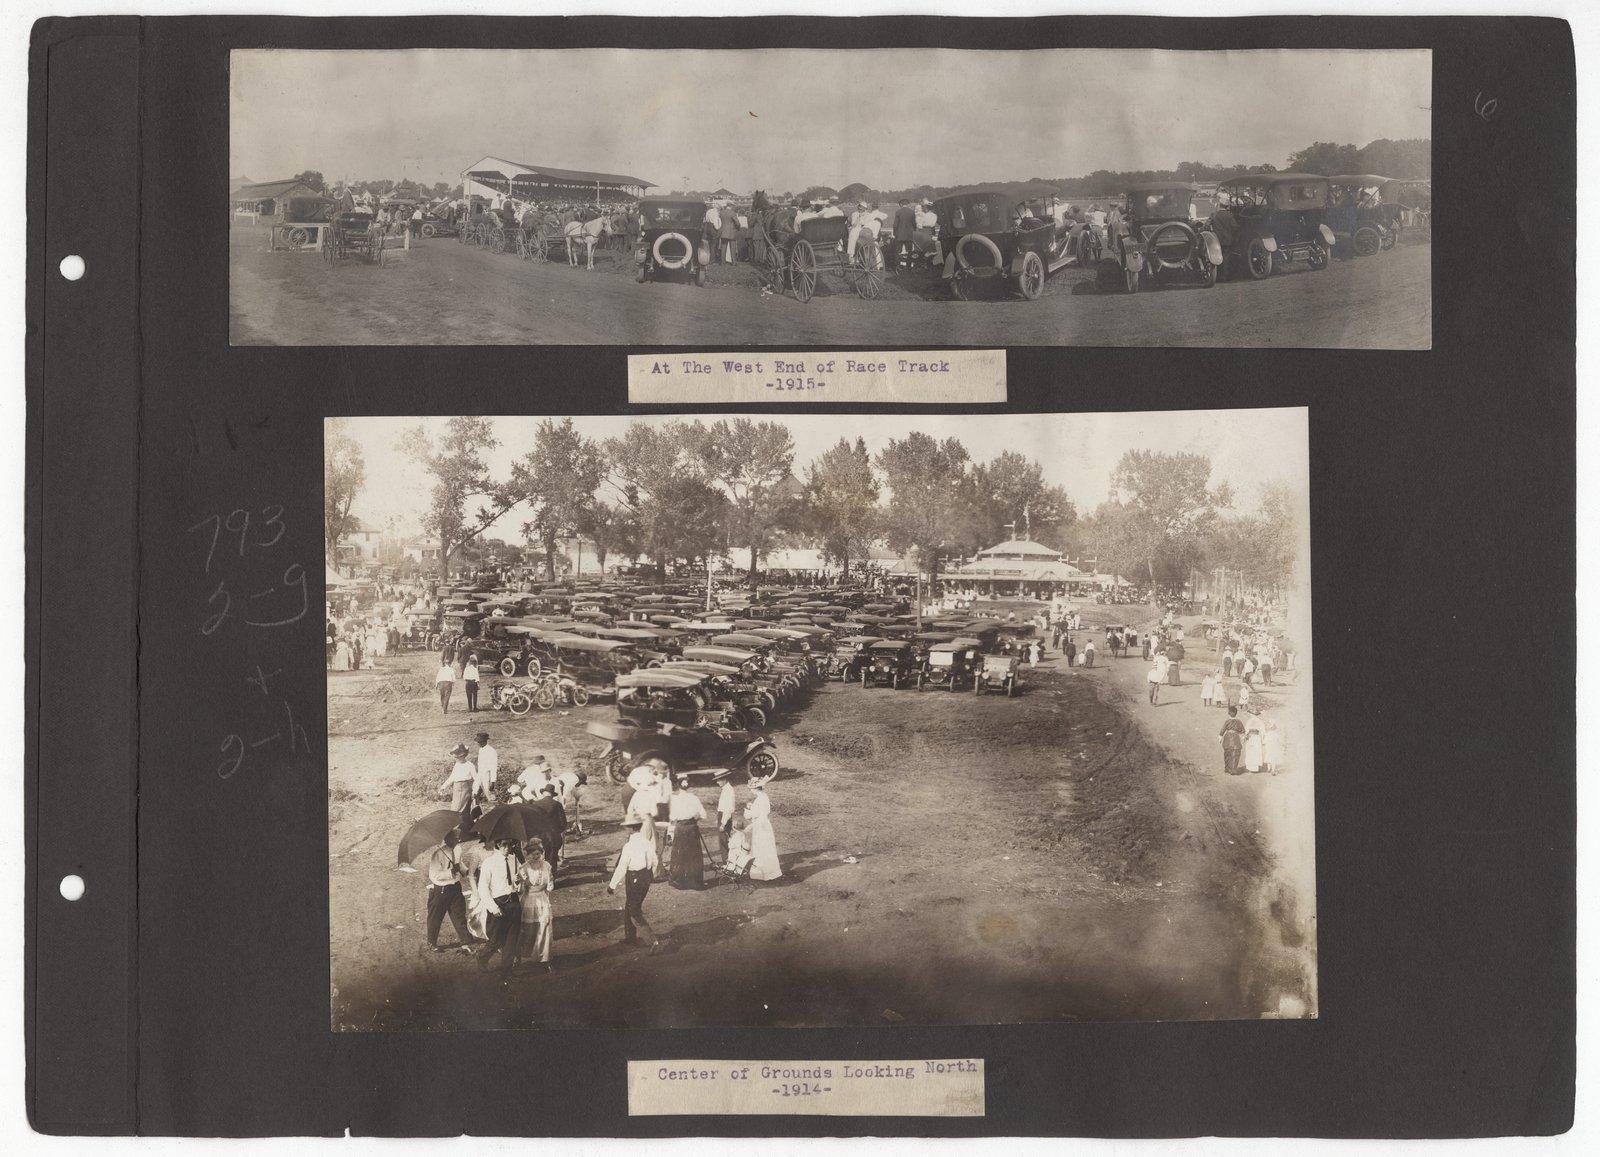 Kansas Free Fair album - 1915-1914